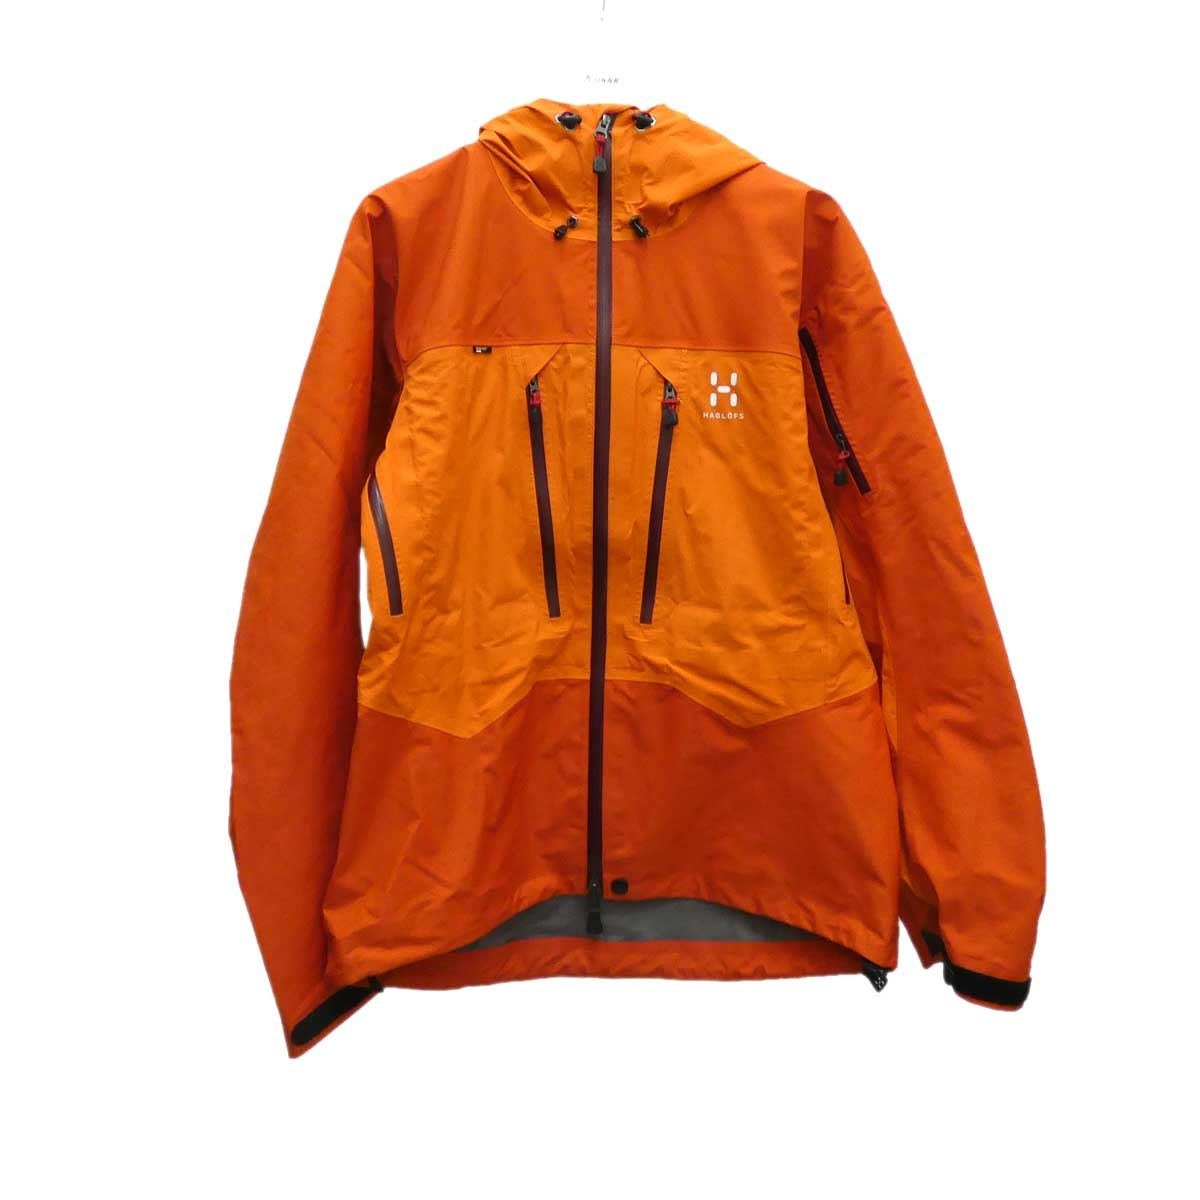 【中古】HAGLOFS マウンテンパーカー オレンジ サイズ:M 【230720】(ホグロフス)